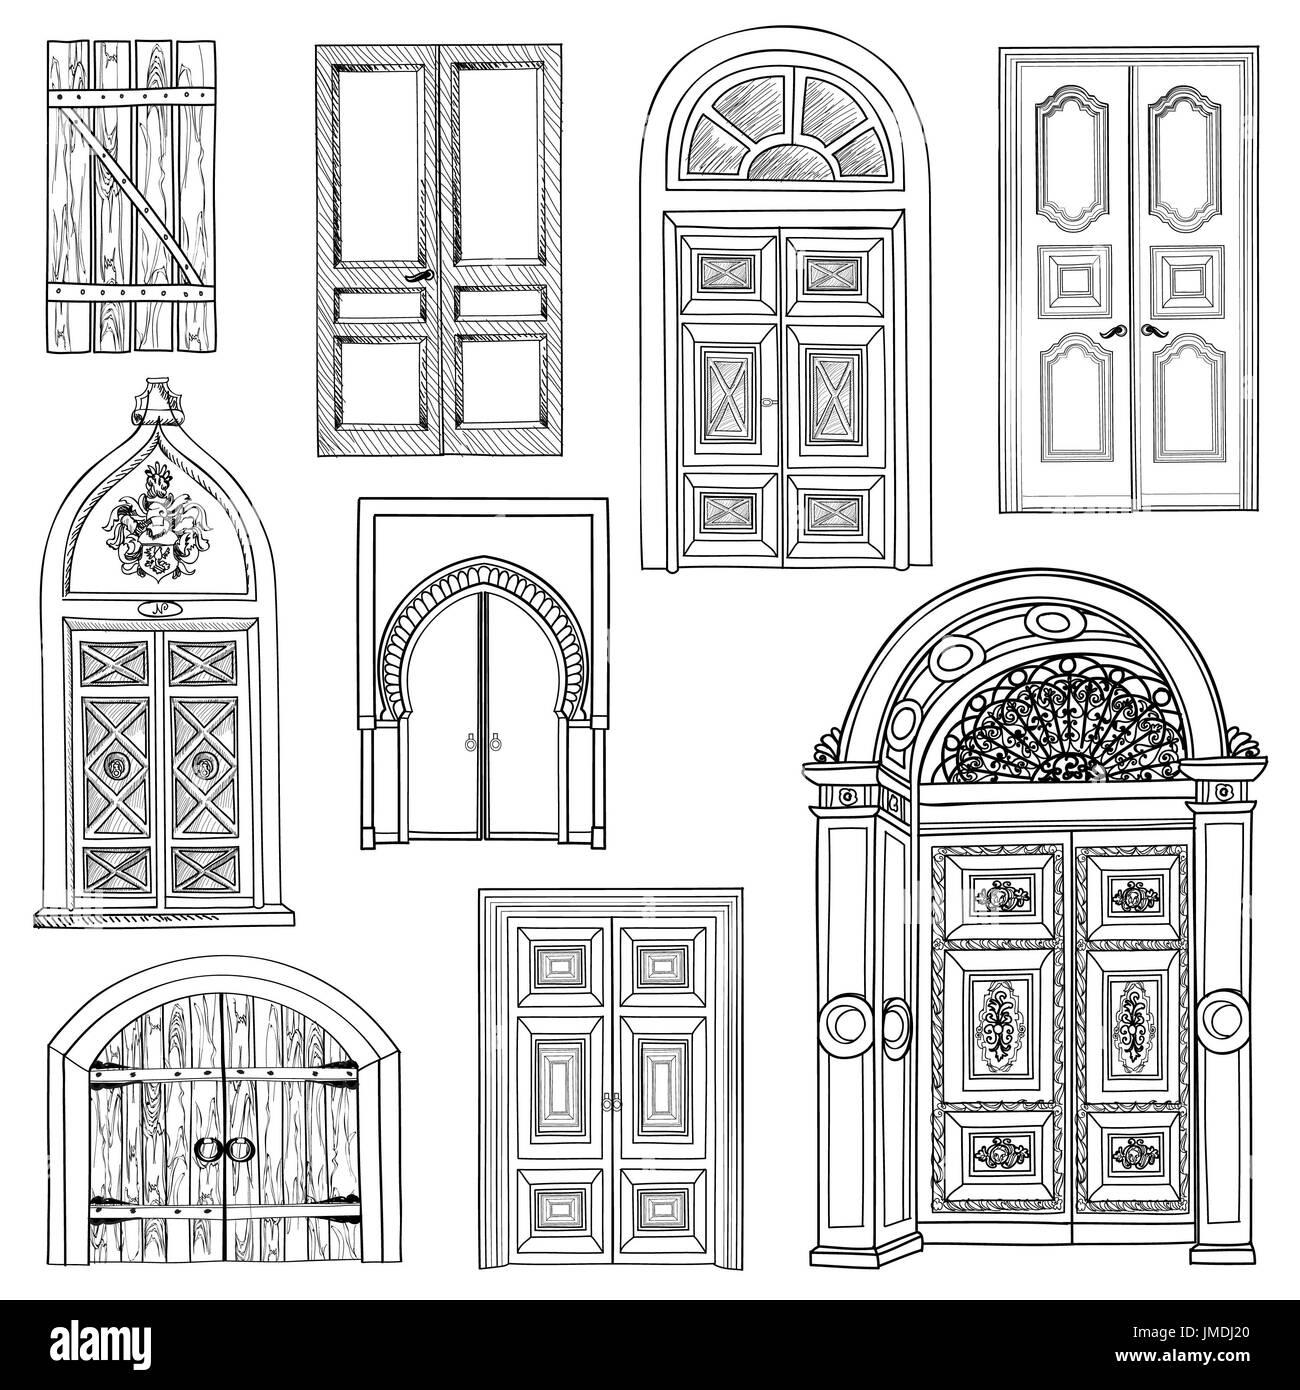 Door Set Collection Of Hand Drawn Sketch Vintage Doors